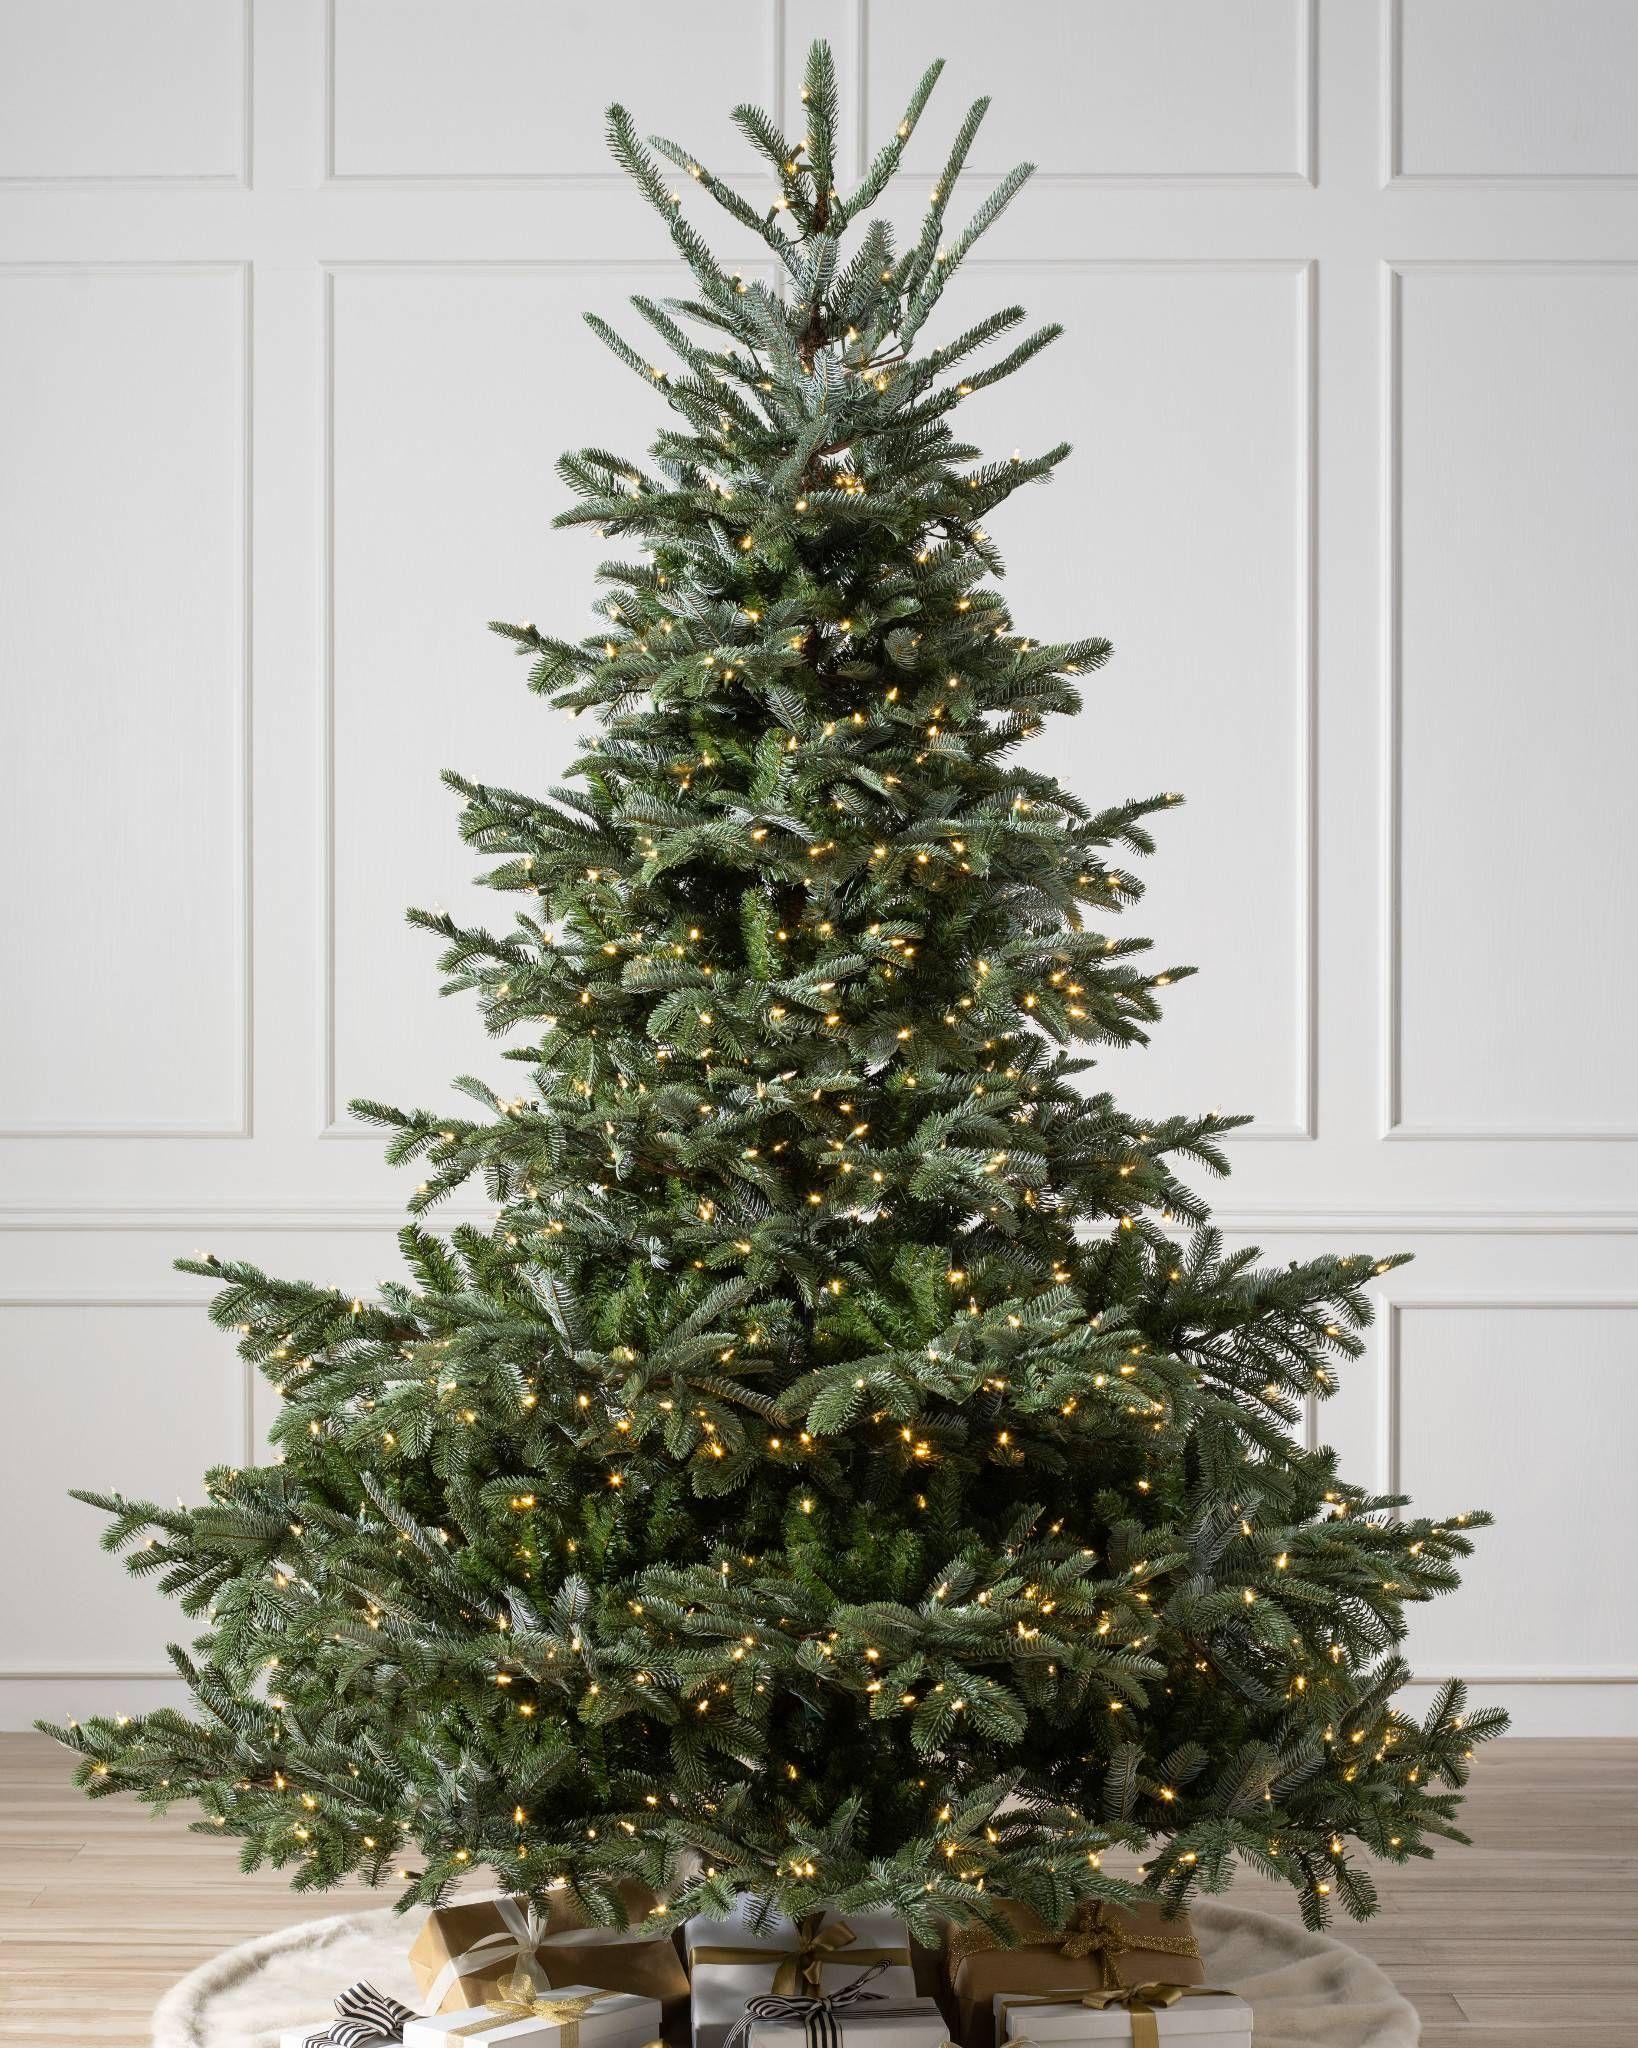 European Fir Artificial Christmas Tree Balsam Hill Realistic Artificial Christmas Trees Spruce Christmas Tree Realistic Christmas Trees